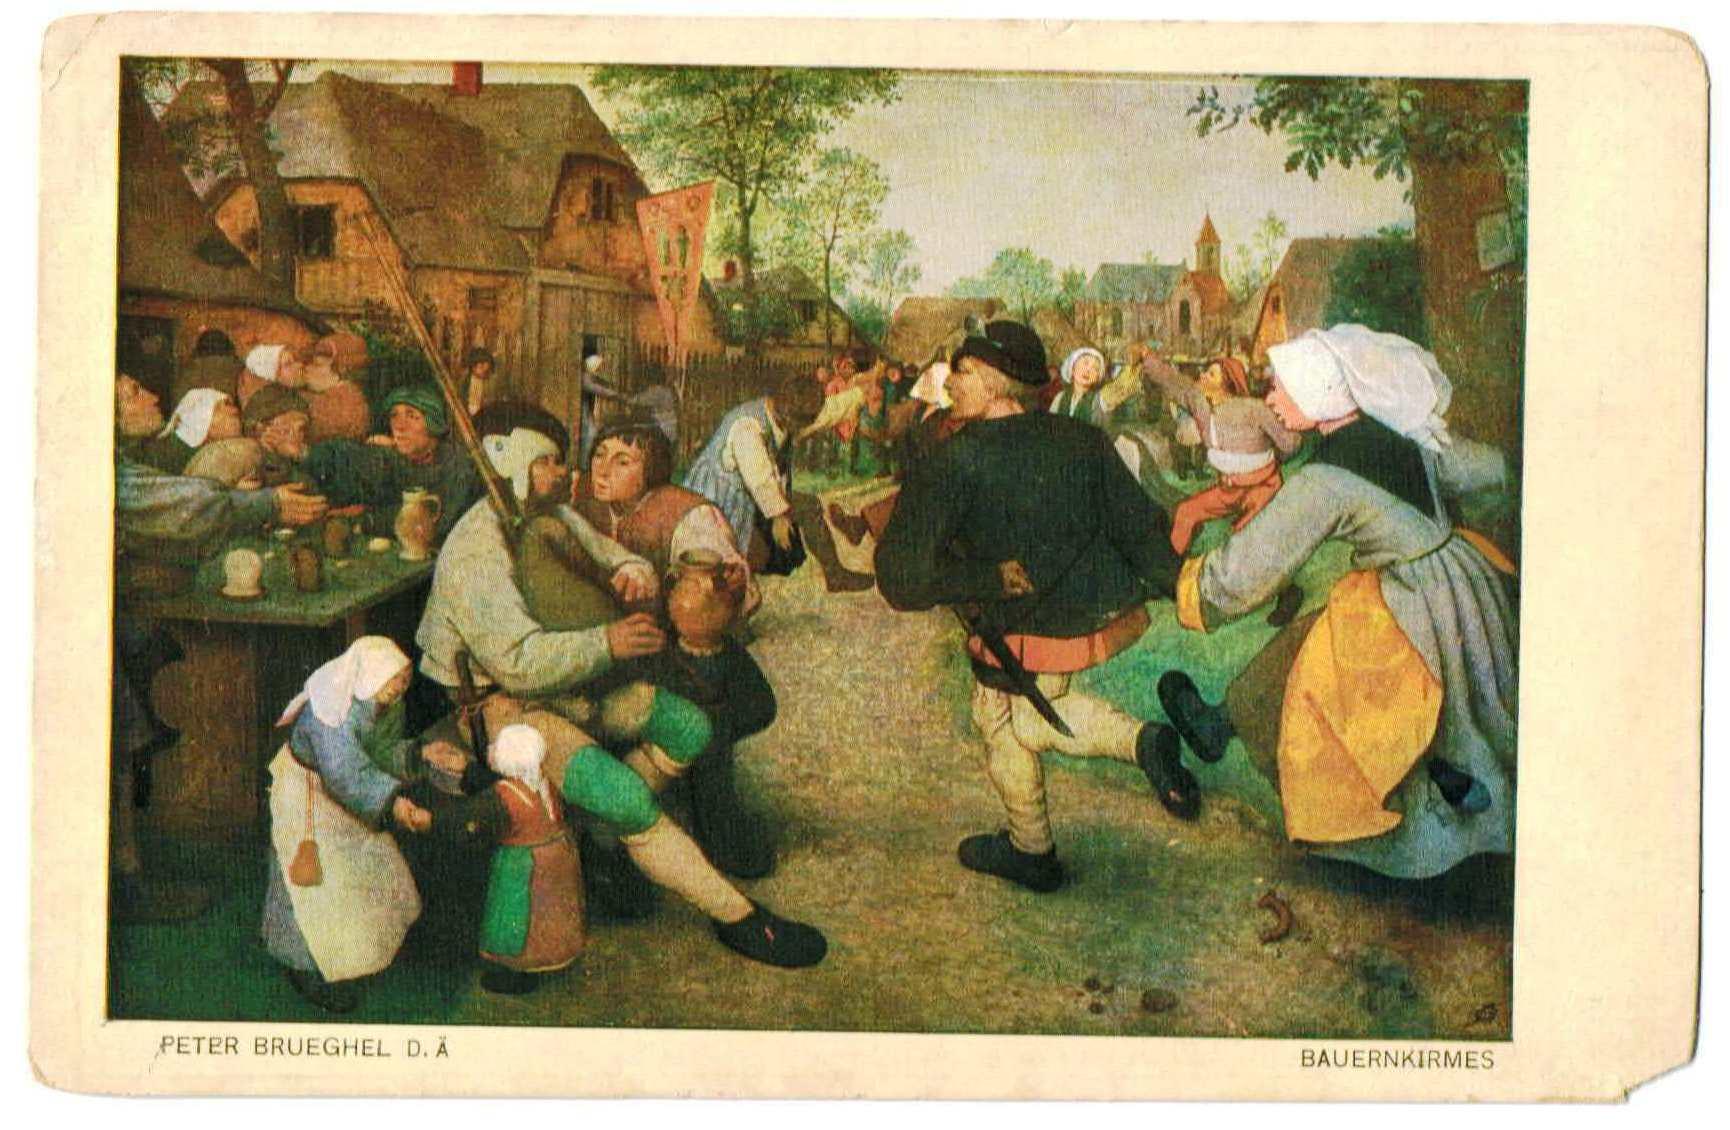 農民の踊り ブリューゲル                                     [g1586]